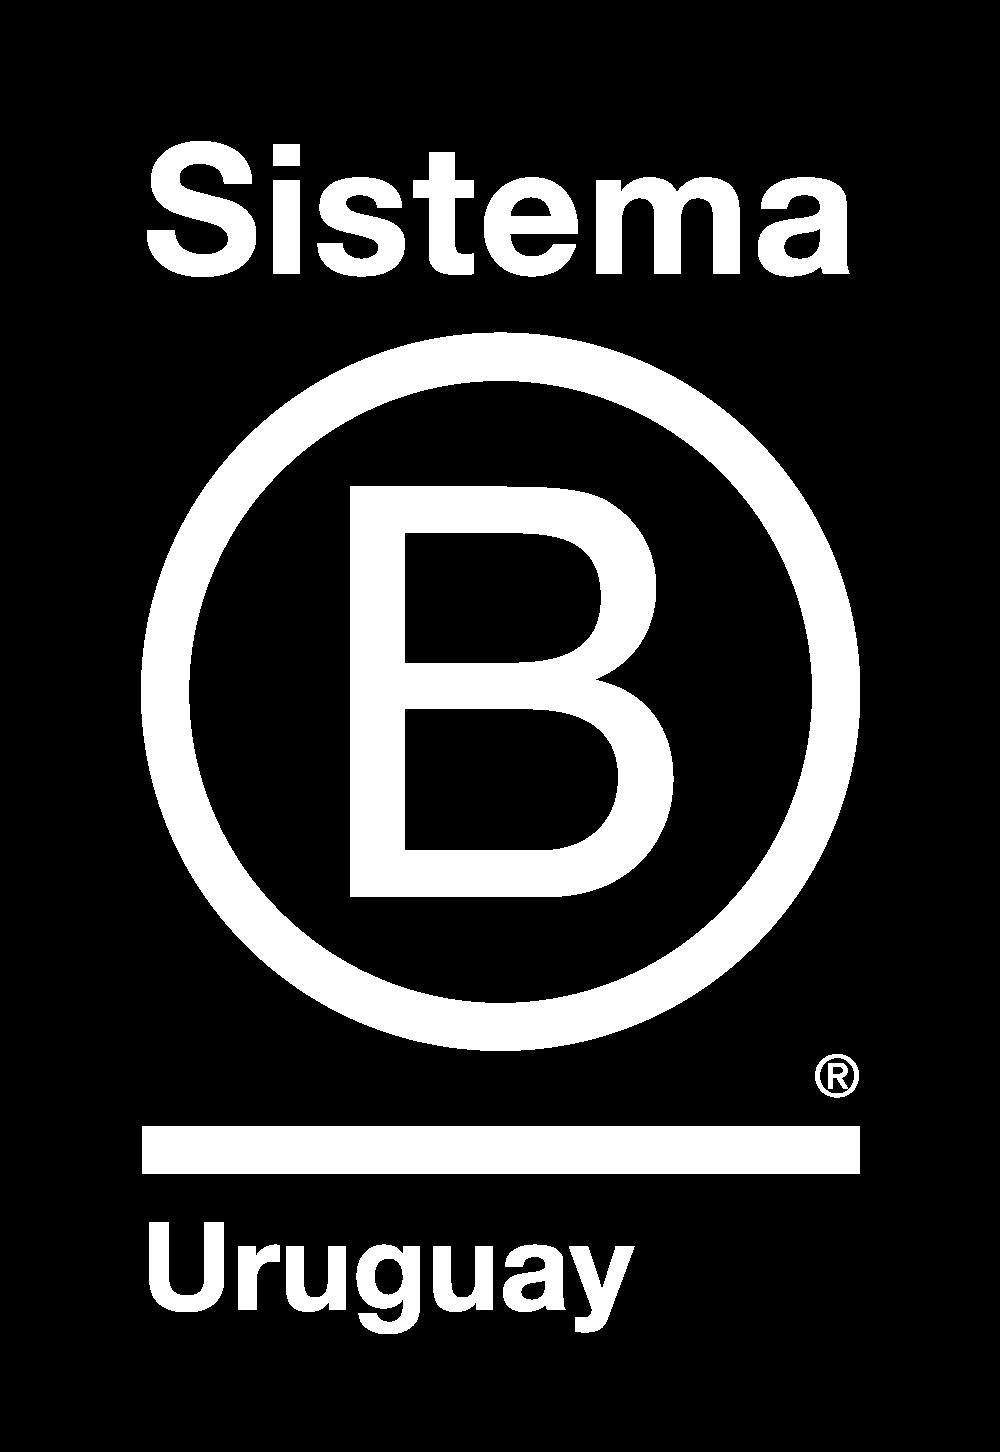 logo-sb-uruguay-2021